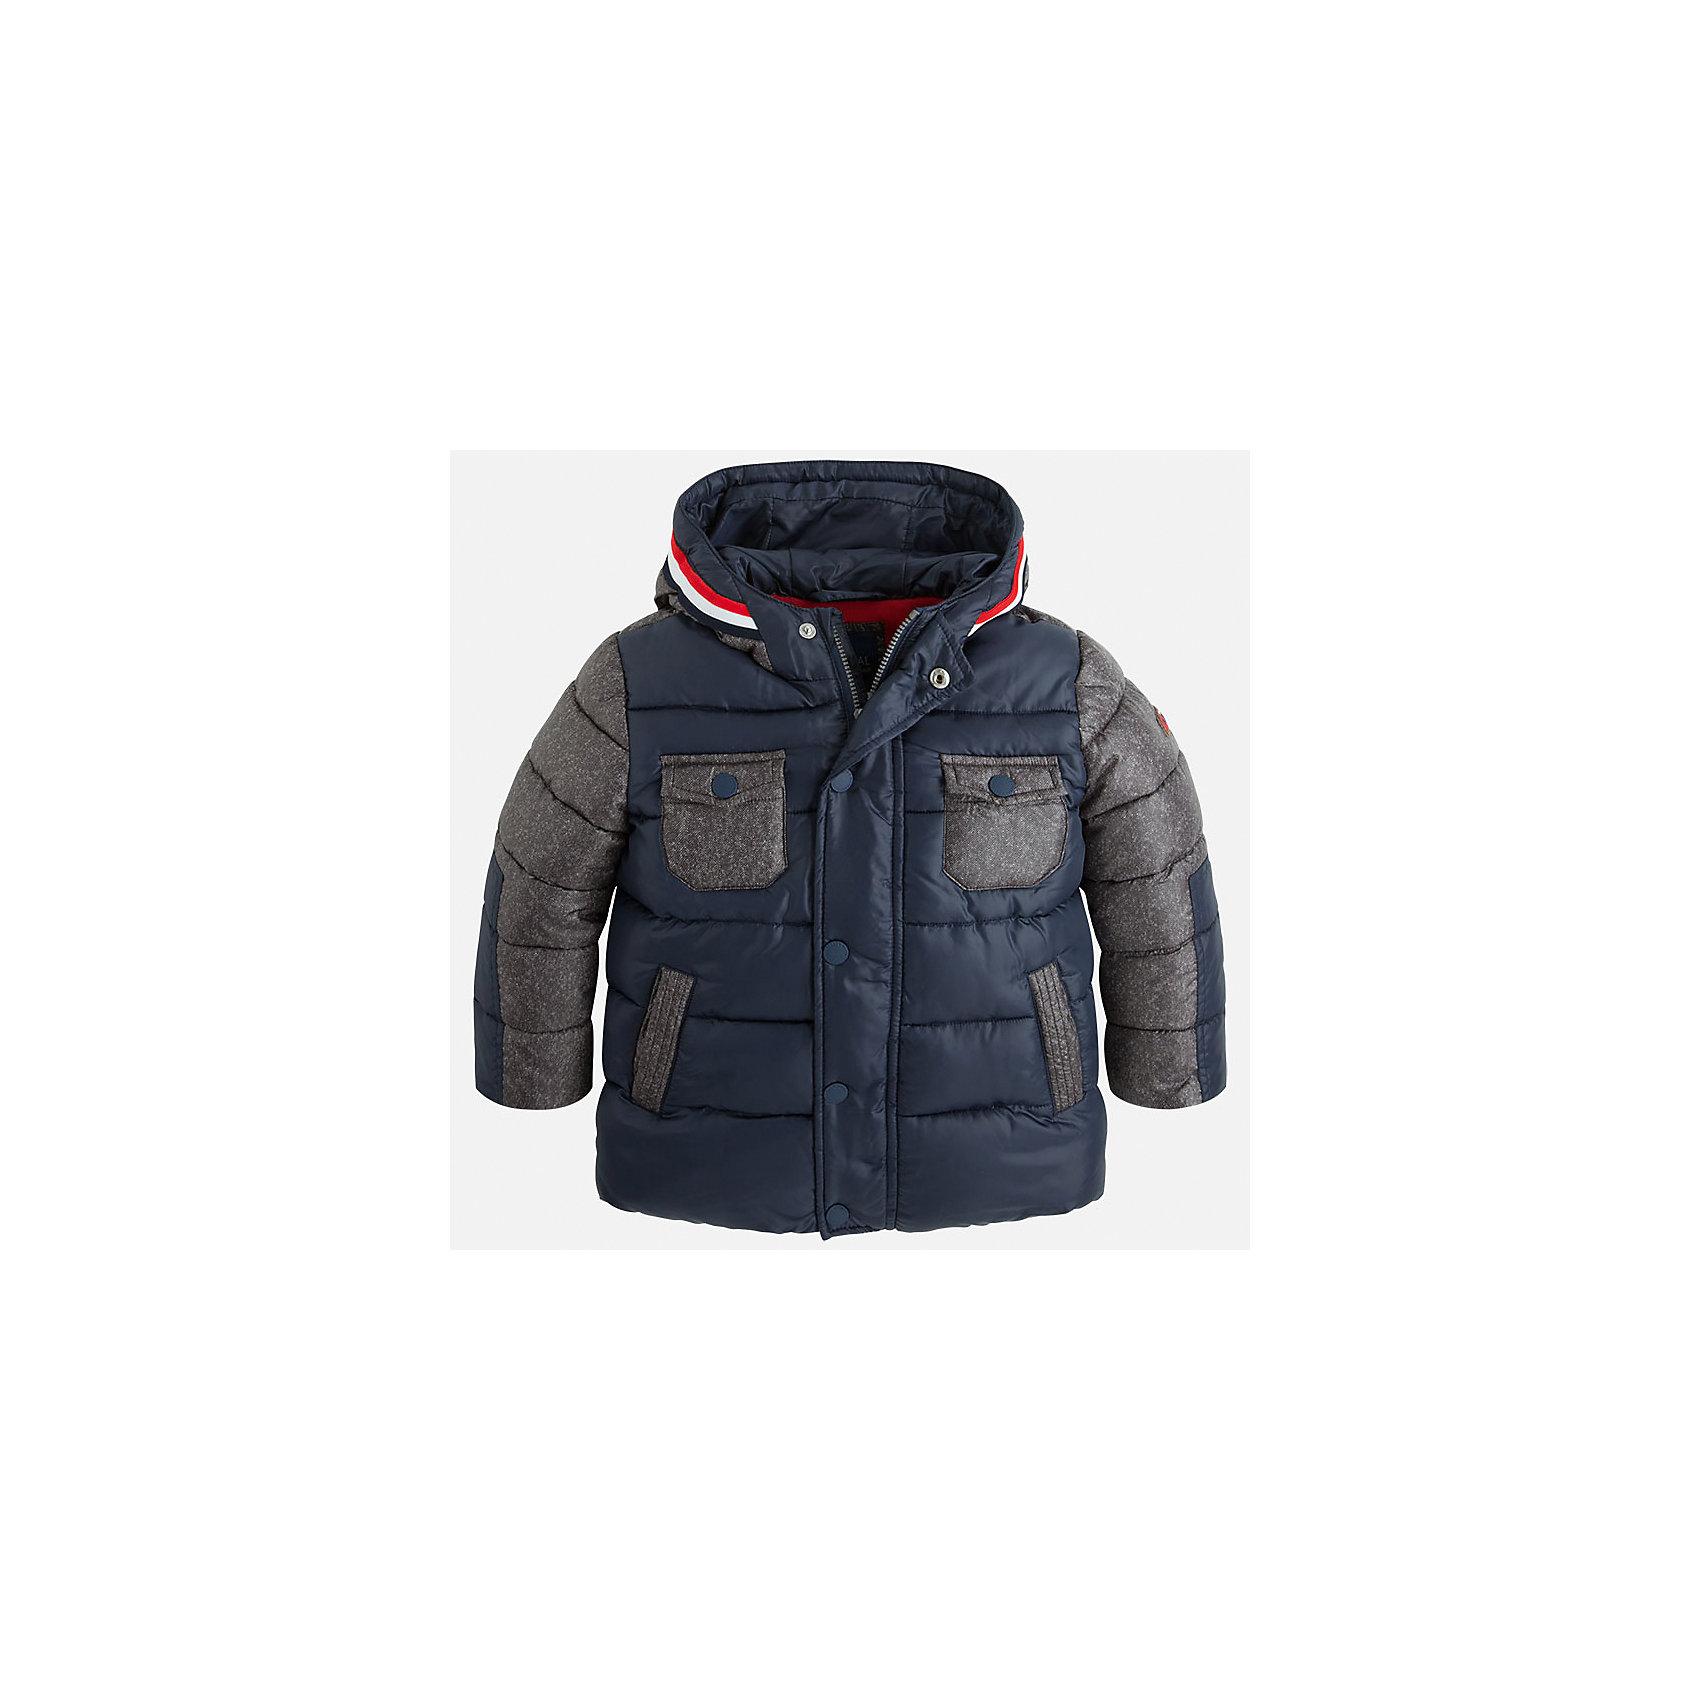 Куртка для мальчика MayoralСтильная осенняя куртка для Вашего модника!<br>Куртка практична и удобна в носке. <br>Порадуйте своего юного модника таким чудесным подарком!<br><br>Дополнительная информация:<br><br>- Крой: прямой крой.<br>- Страна бренда: Испания.<br>- Состав: <br>Верхняя ткань: полиэстер 100%.<br>Подкладка: полиэстер 100%.<br>Наполнитель: полиэстер 100%.<br>- Цвет: синий.<br>- Уход: бережная стирка при 30 градусах.<br><br>Купить куртку для мальчика Mayoral можно в нашем магазине.<br><br>Ширина мм: 356<br>Глубина мм: 10<br>Высота мм: 245<br>Вес г: 519<br>Цвет: синий<br>Возраст от месяцев: 72<br>Возраст до месяцев: 84<br>Пол: Мужской<br>Возраст: Детский<br>Размер: 122,134,128,116,110,104,98<br>SKU: 4822035